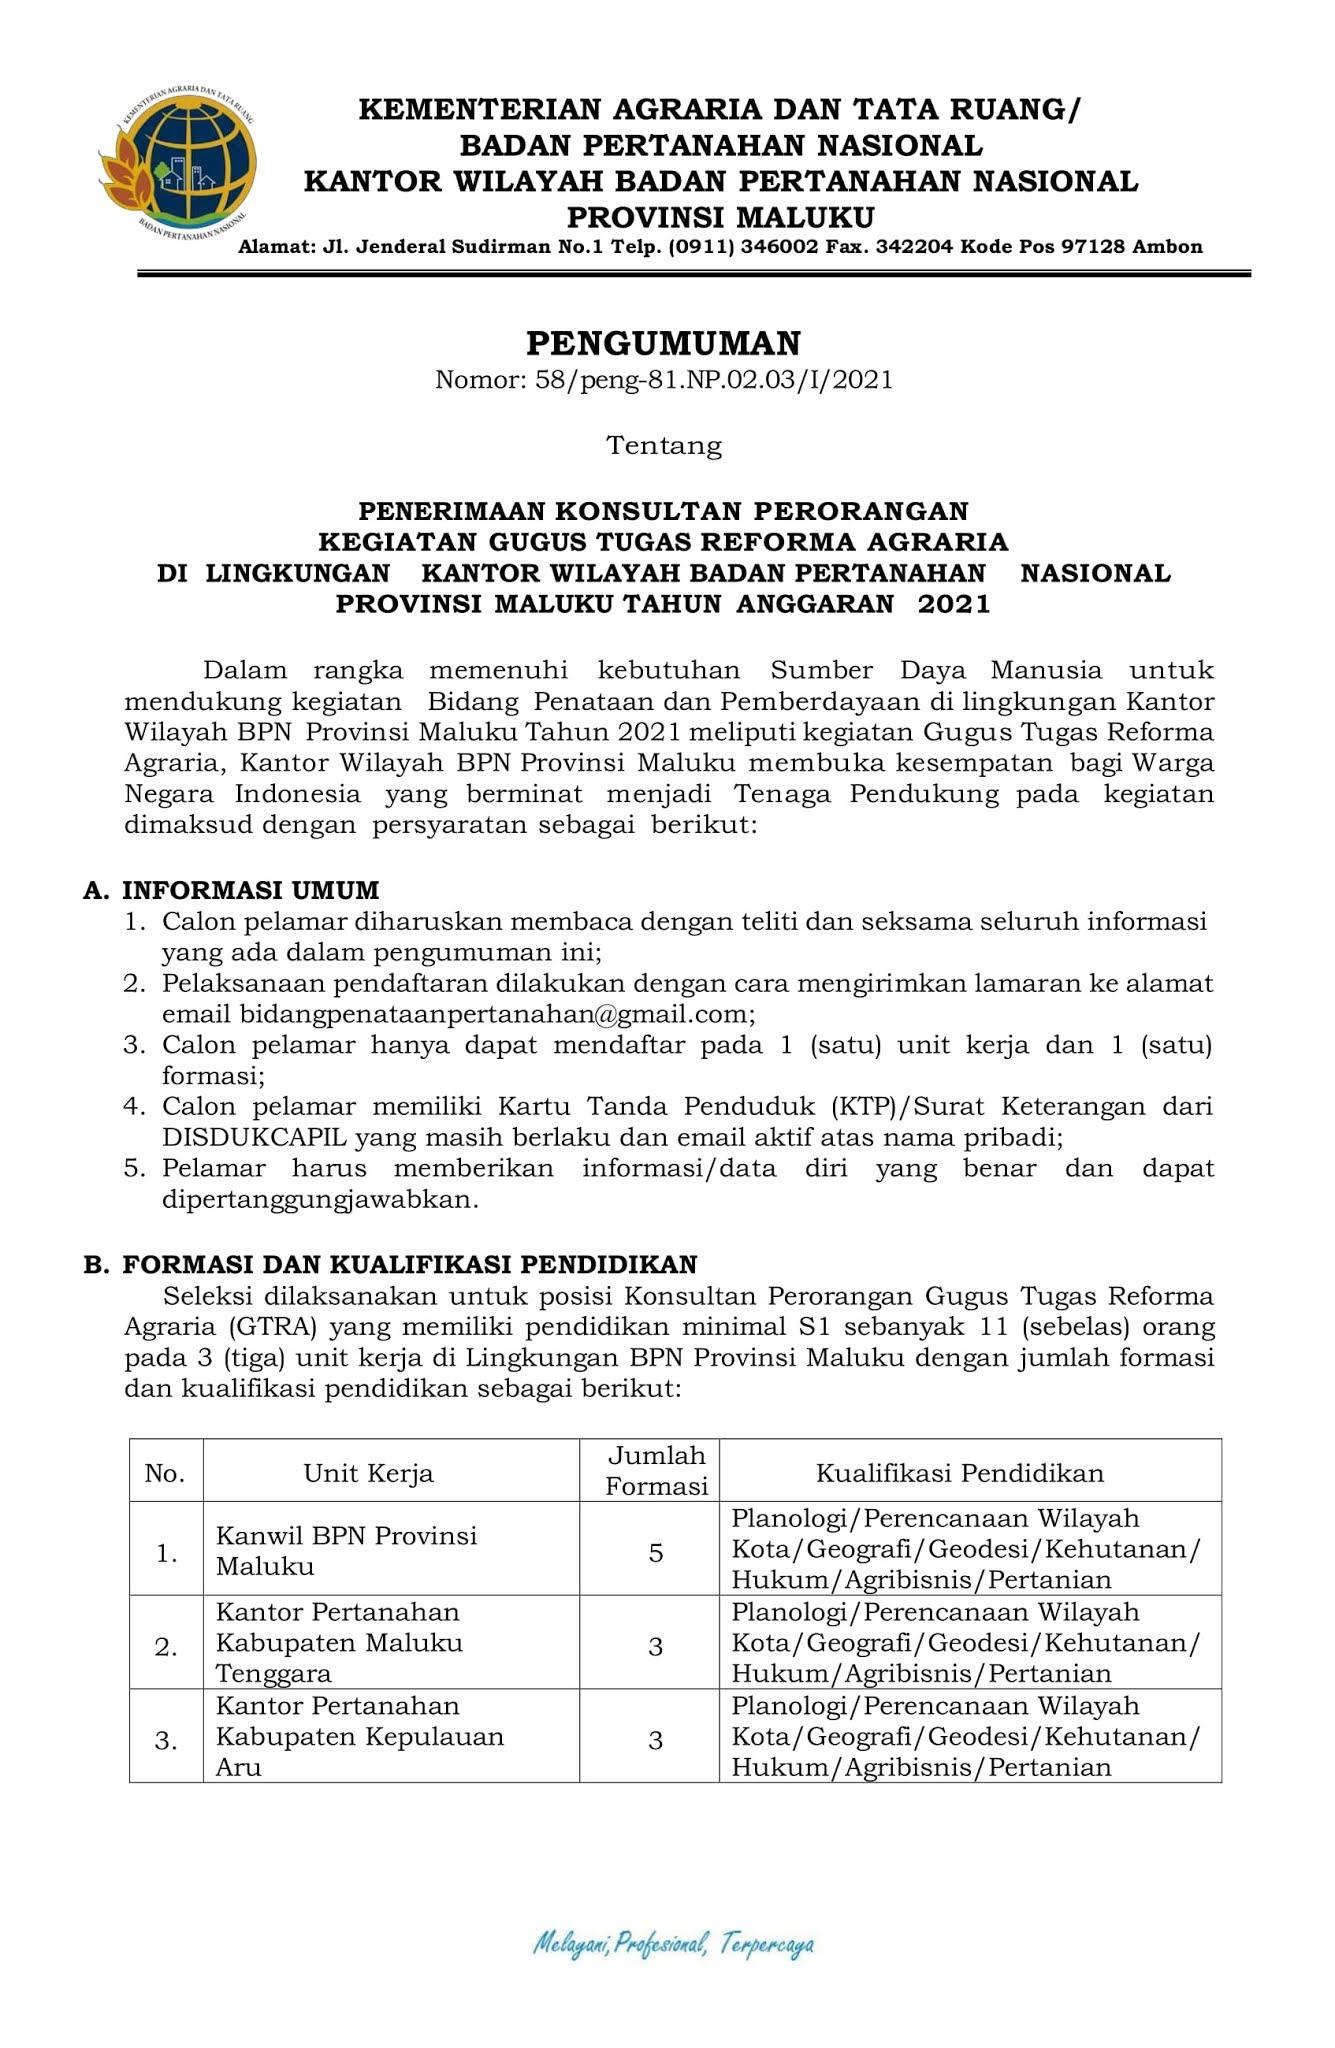 Lowongan Kerja Tenaga Pendukung Kementerian ATR/BPN Februari 2021